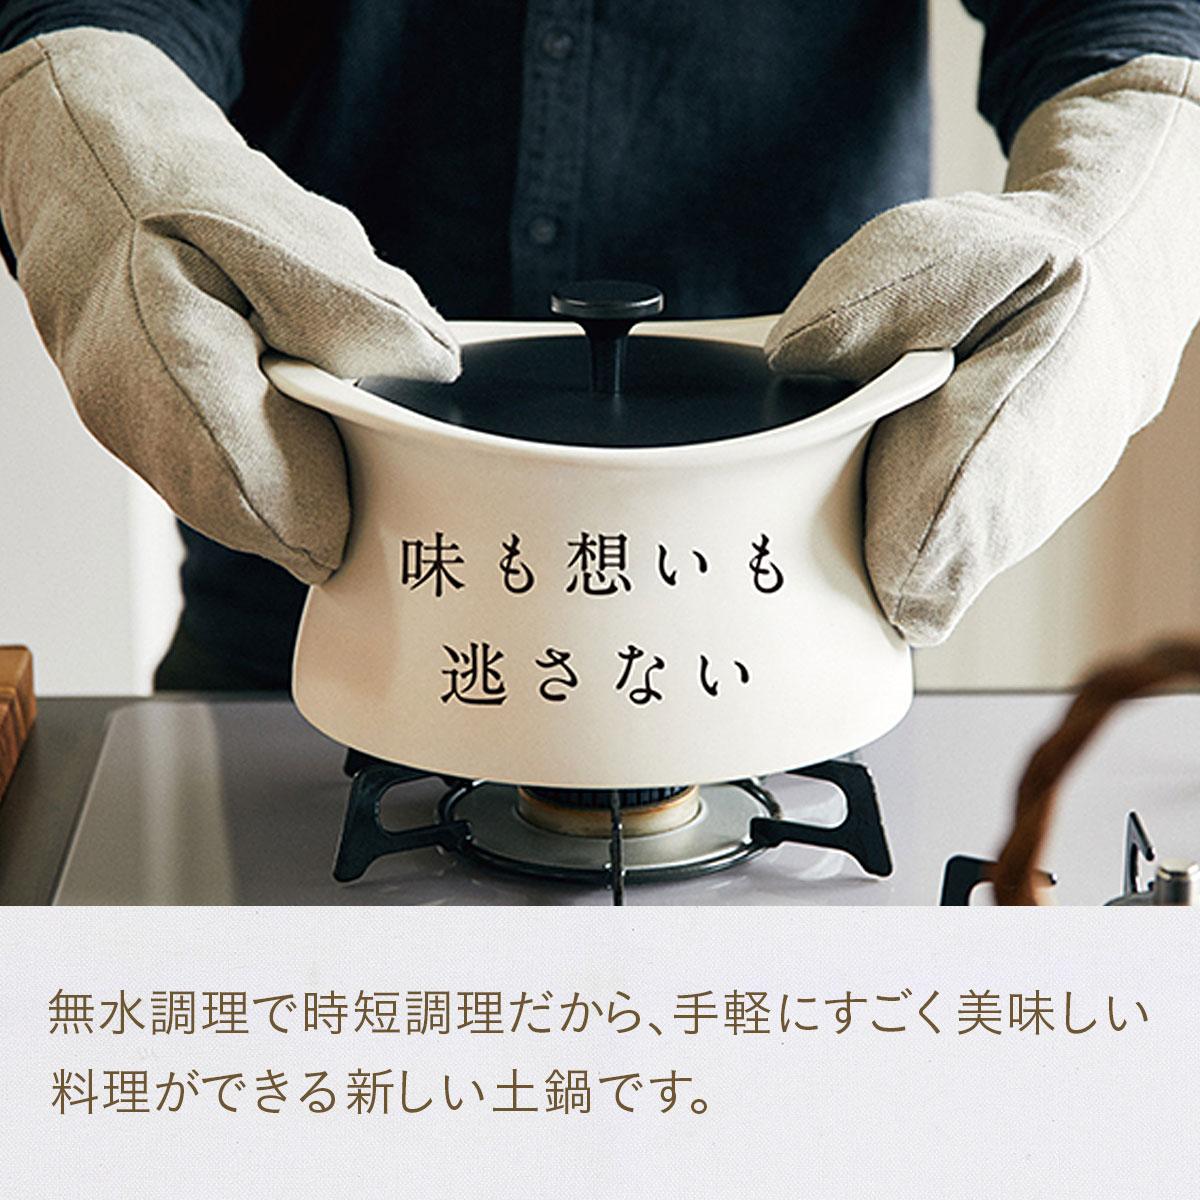 BEST POT(ベストポット)20センチ 時短で手軽でおいしくできる無水調理鍋